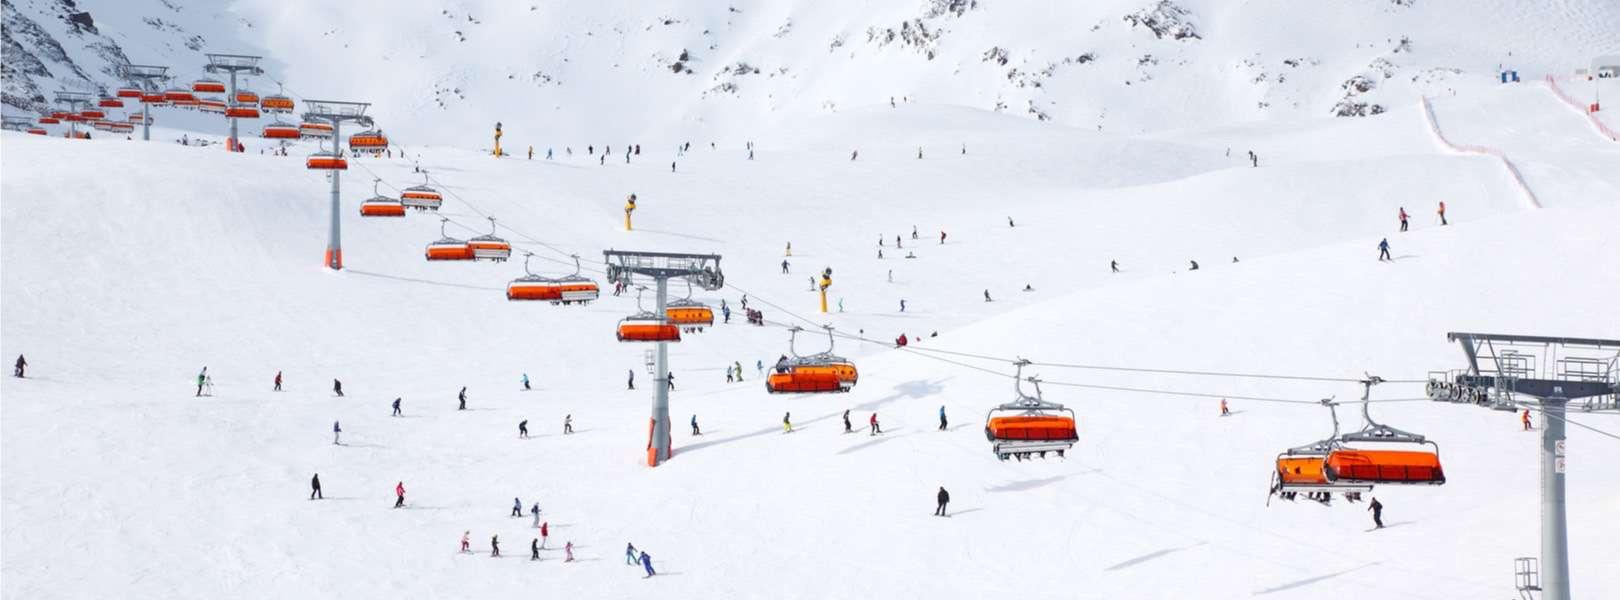 Blick auf das Skigebiet in den Kitzbuehler Alpen